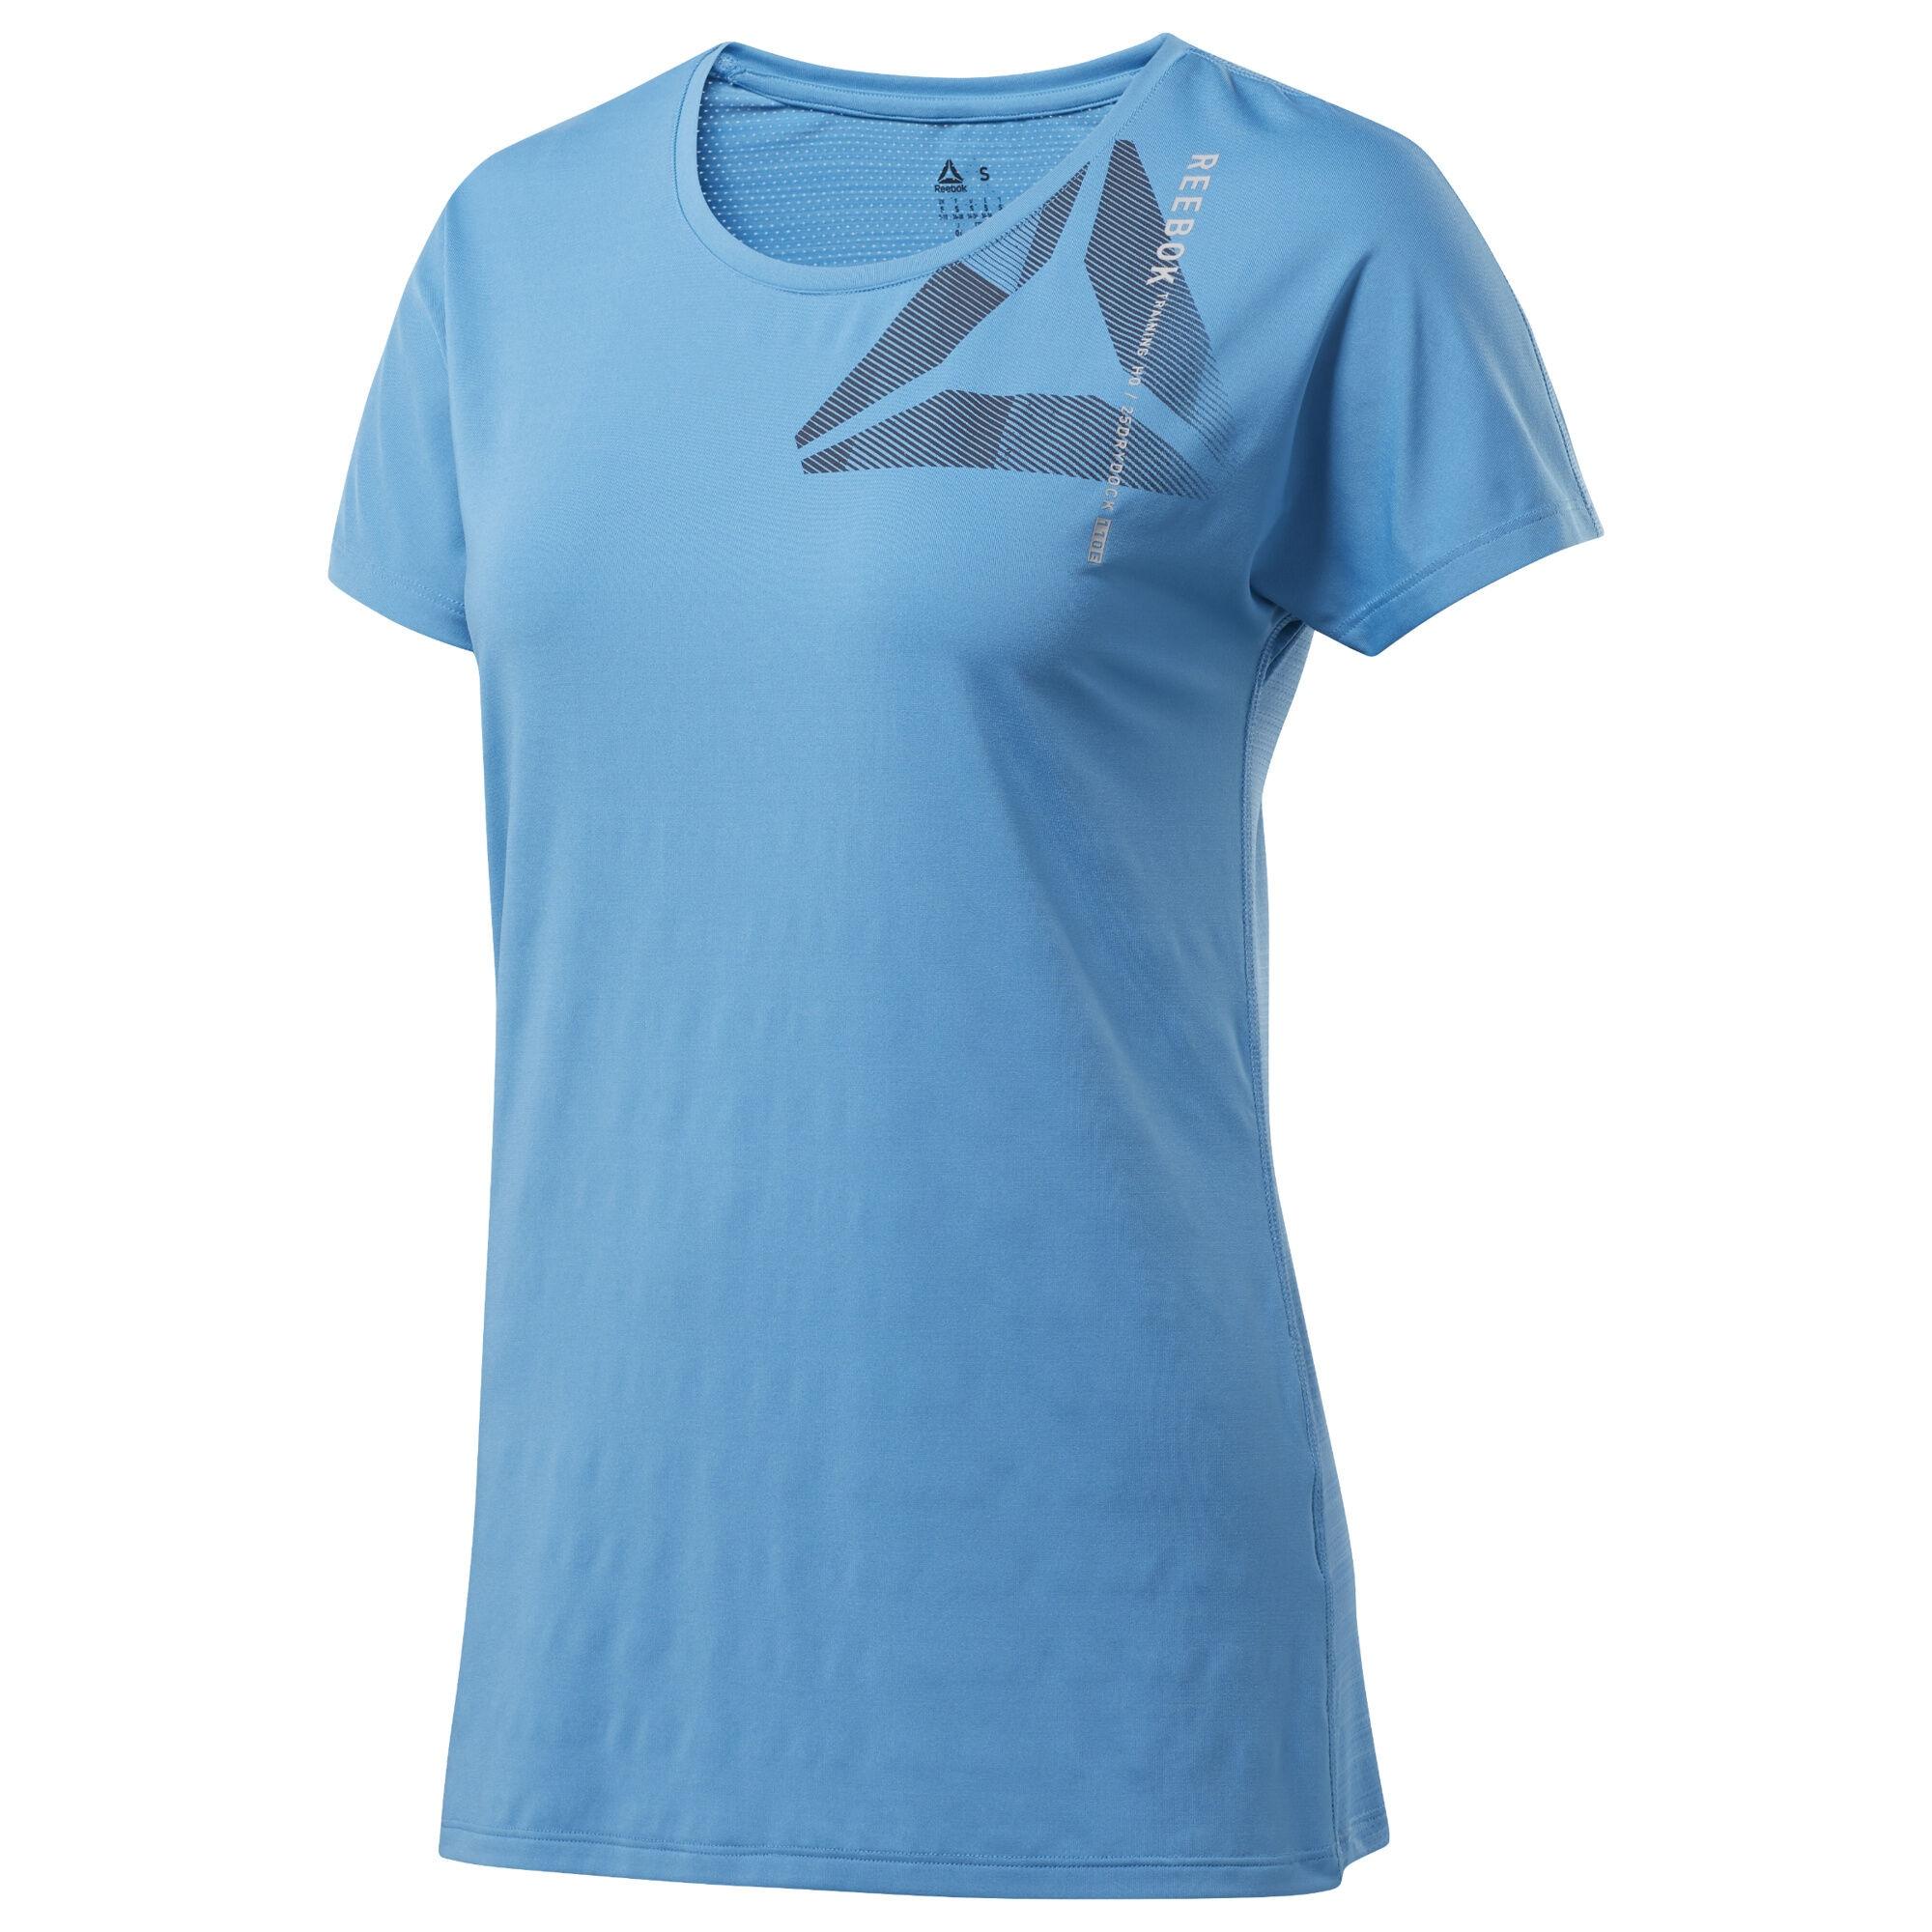 Sportshirt 'ACTIVCHILL' | Sportbekleidung > Sportshirts > T-Shirts | Hellblau | Reebok